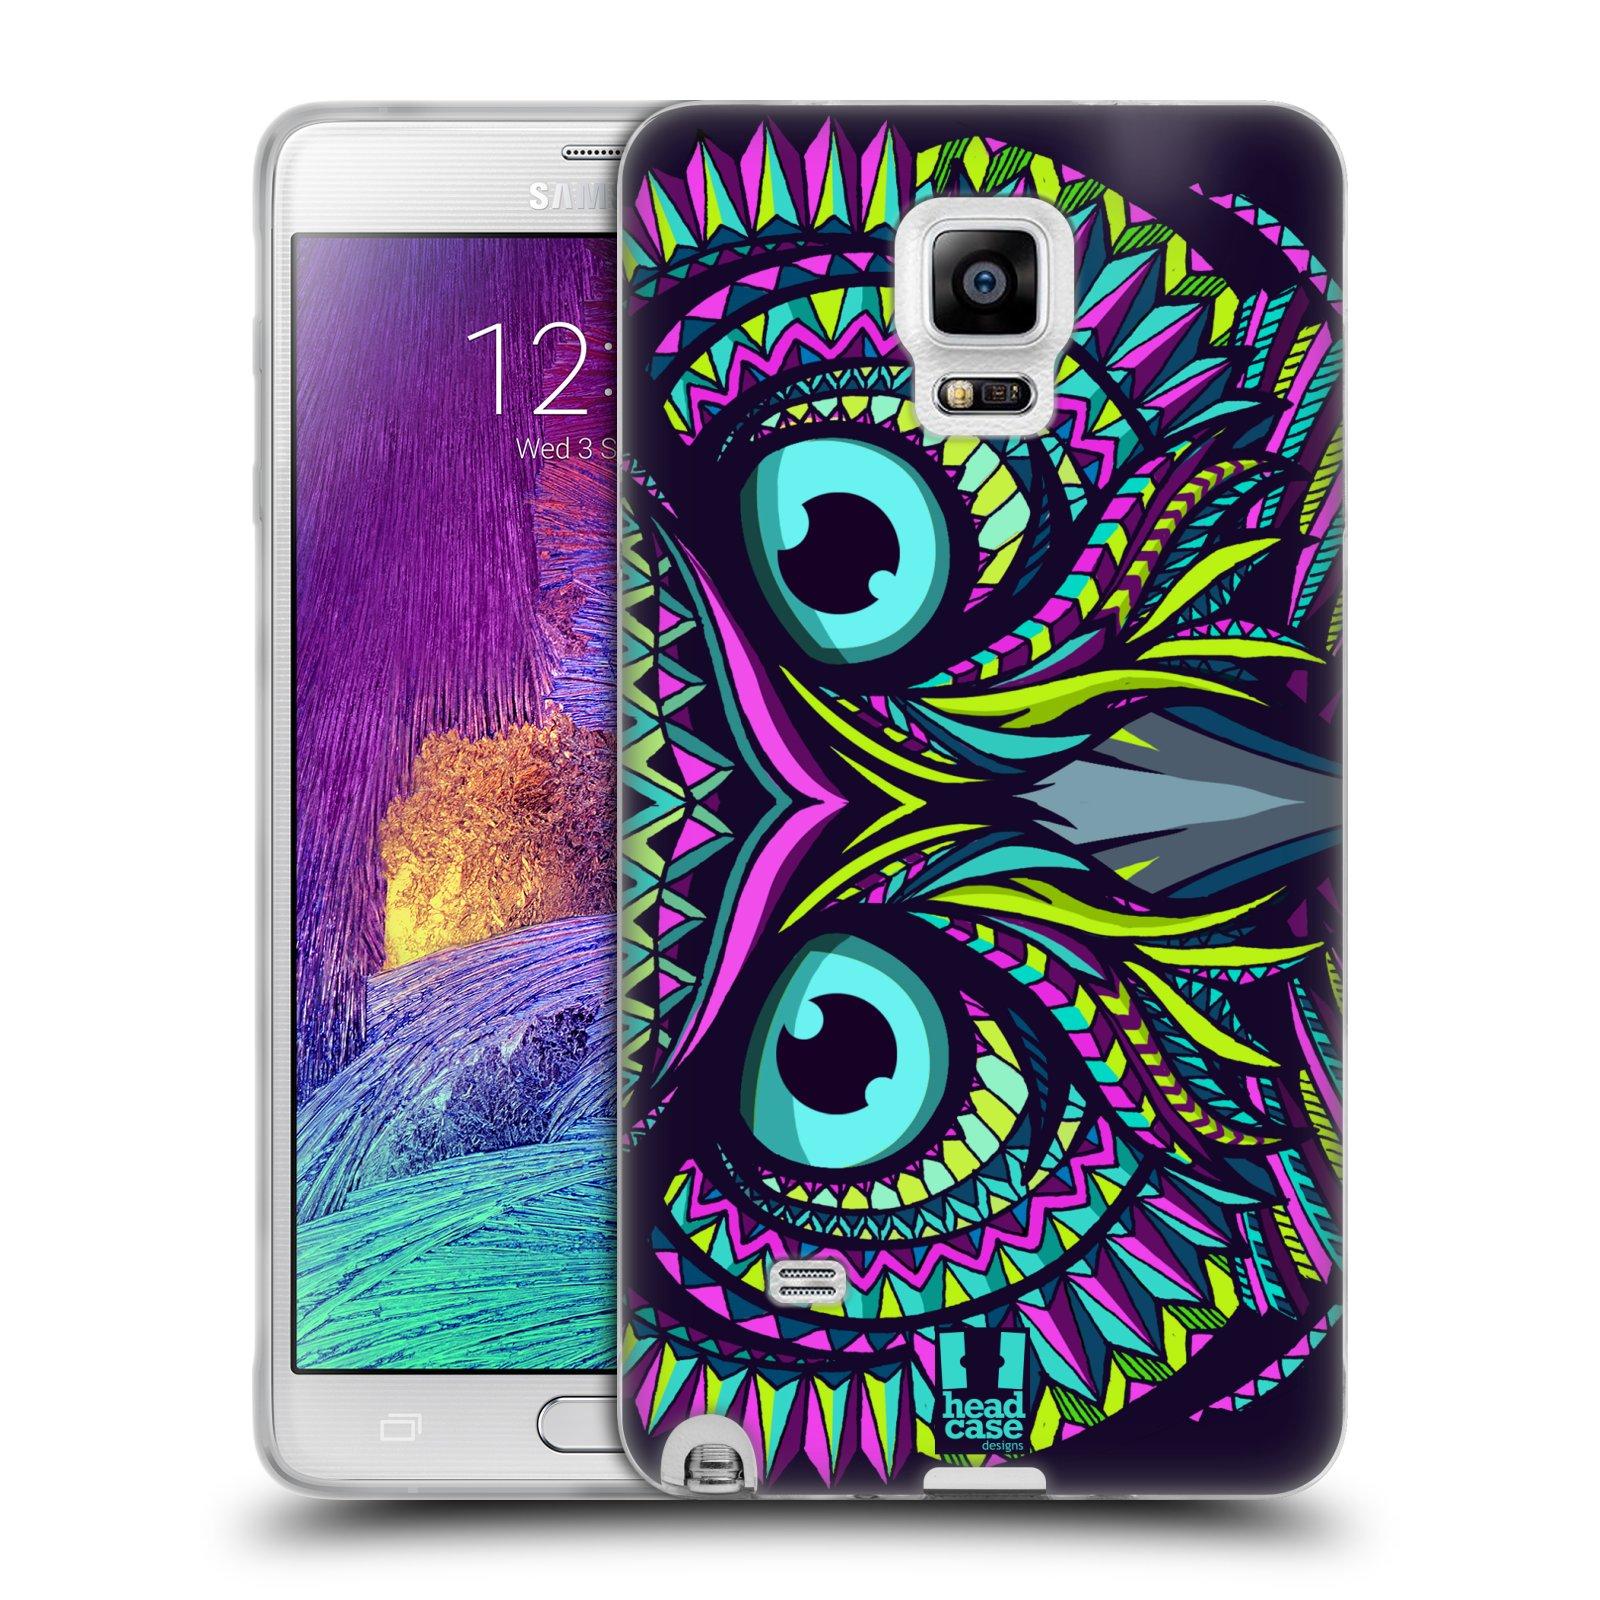 HEAD CASE silikonový obal na mobil Samsung Galaxy Note 4 (N910) vzor Aztécký motiv zvíře sova